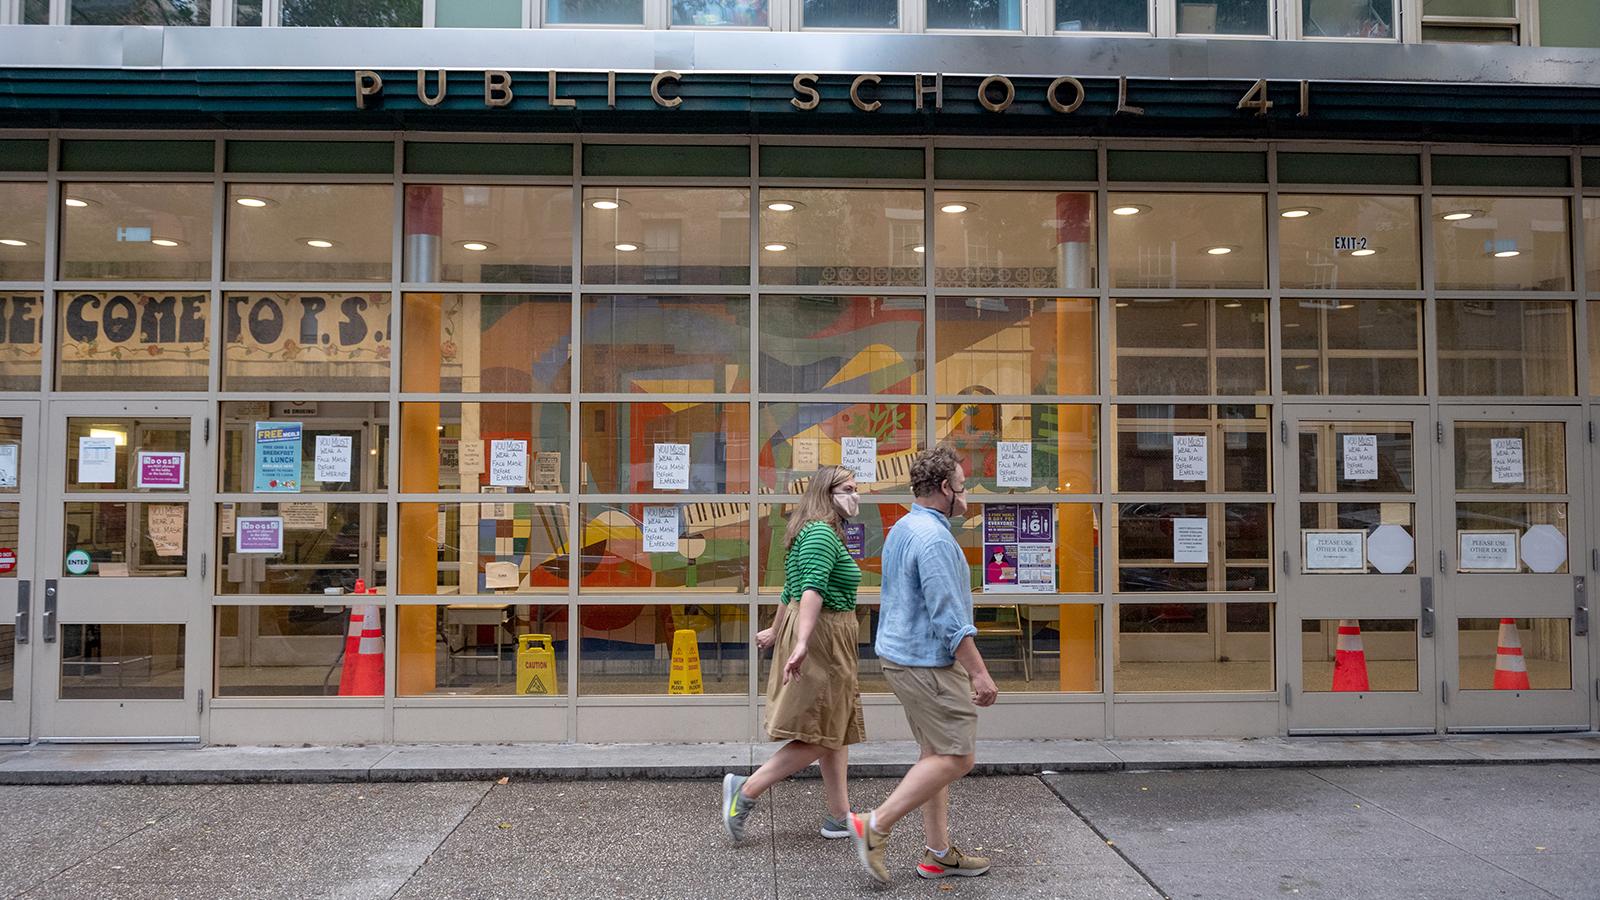 People wearing masks walk past a public school in the Greenwich Village on July 8 in New York.